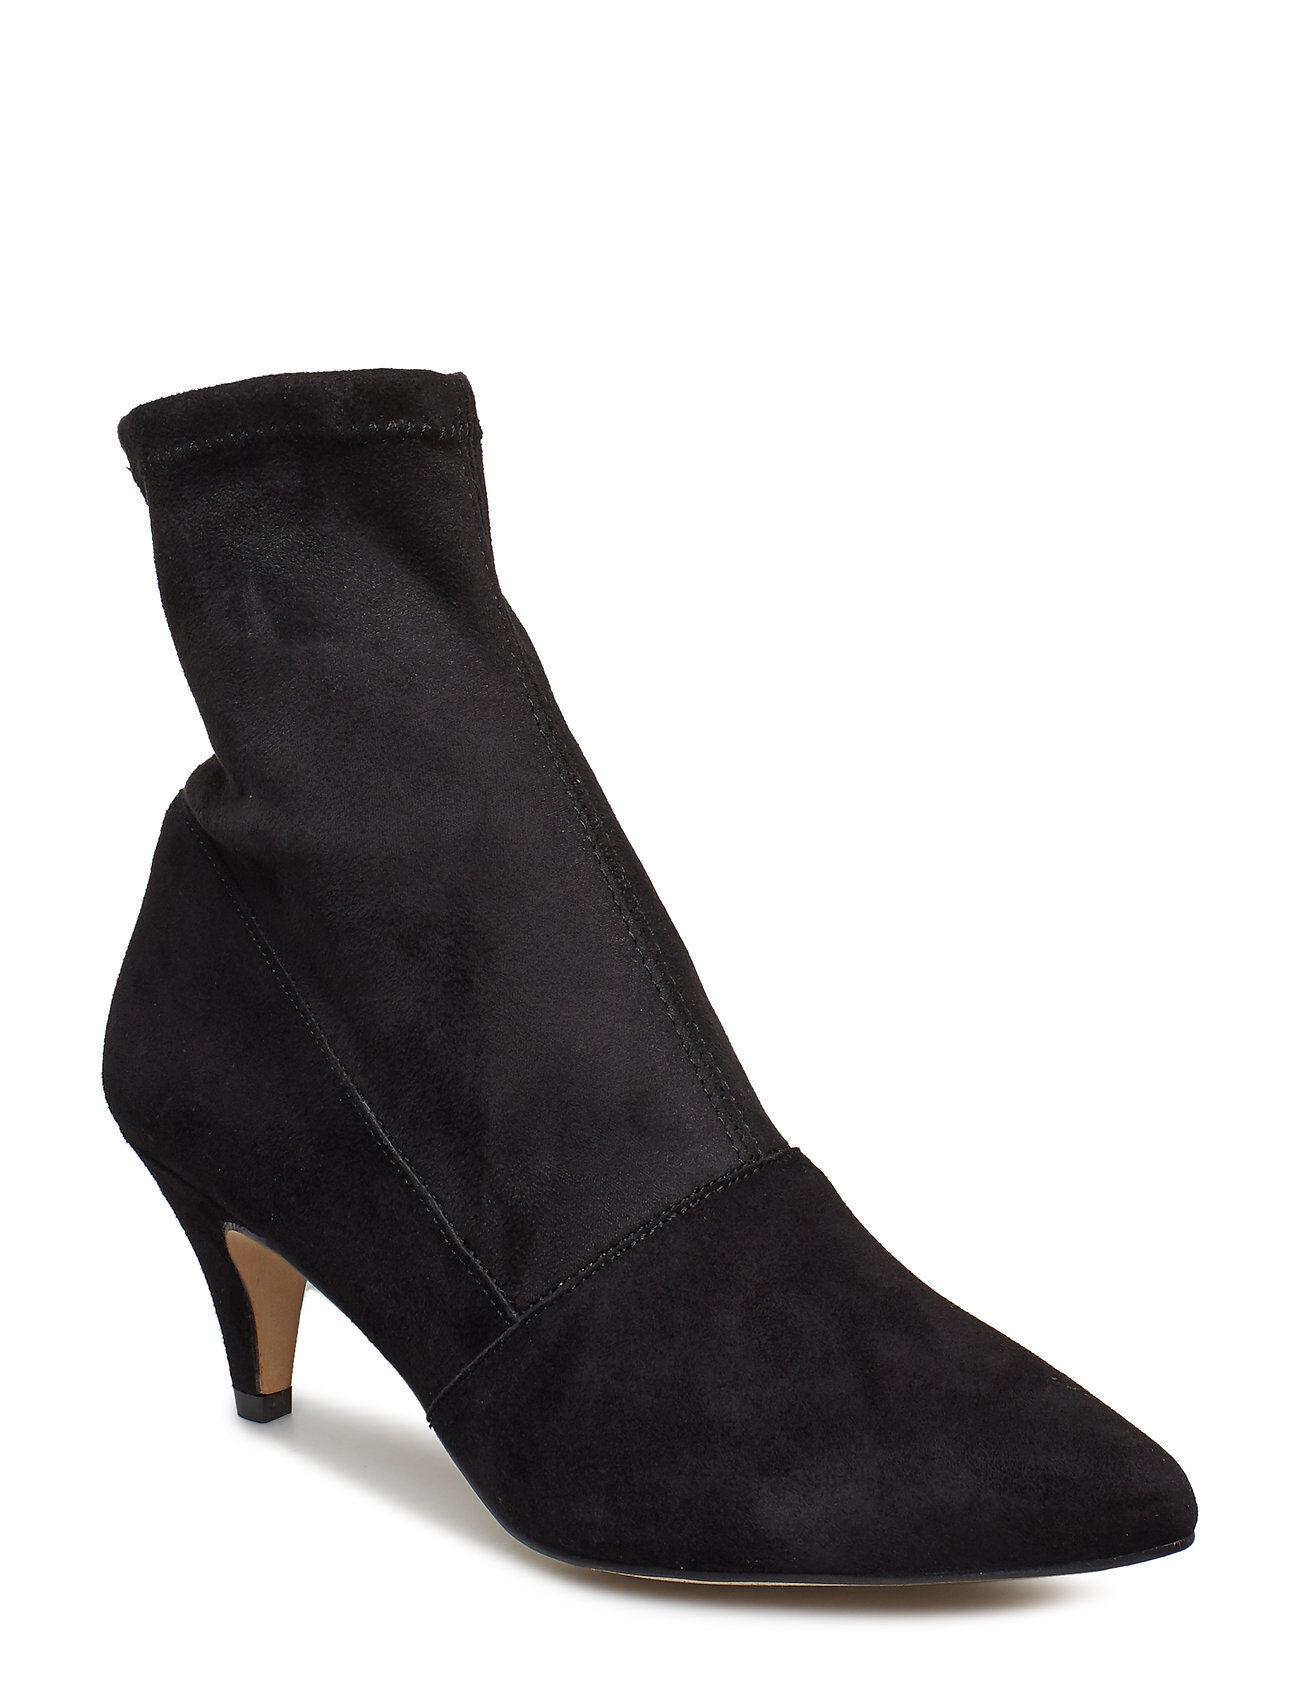 Henry Kole Emma Lycra Black Shoes Boots Ankle Boots Ankle Boots With Heel Musta Henry Kole